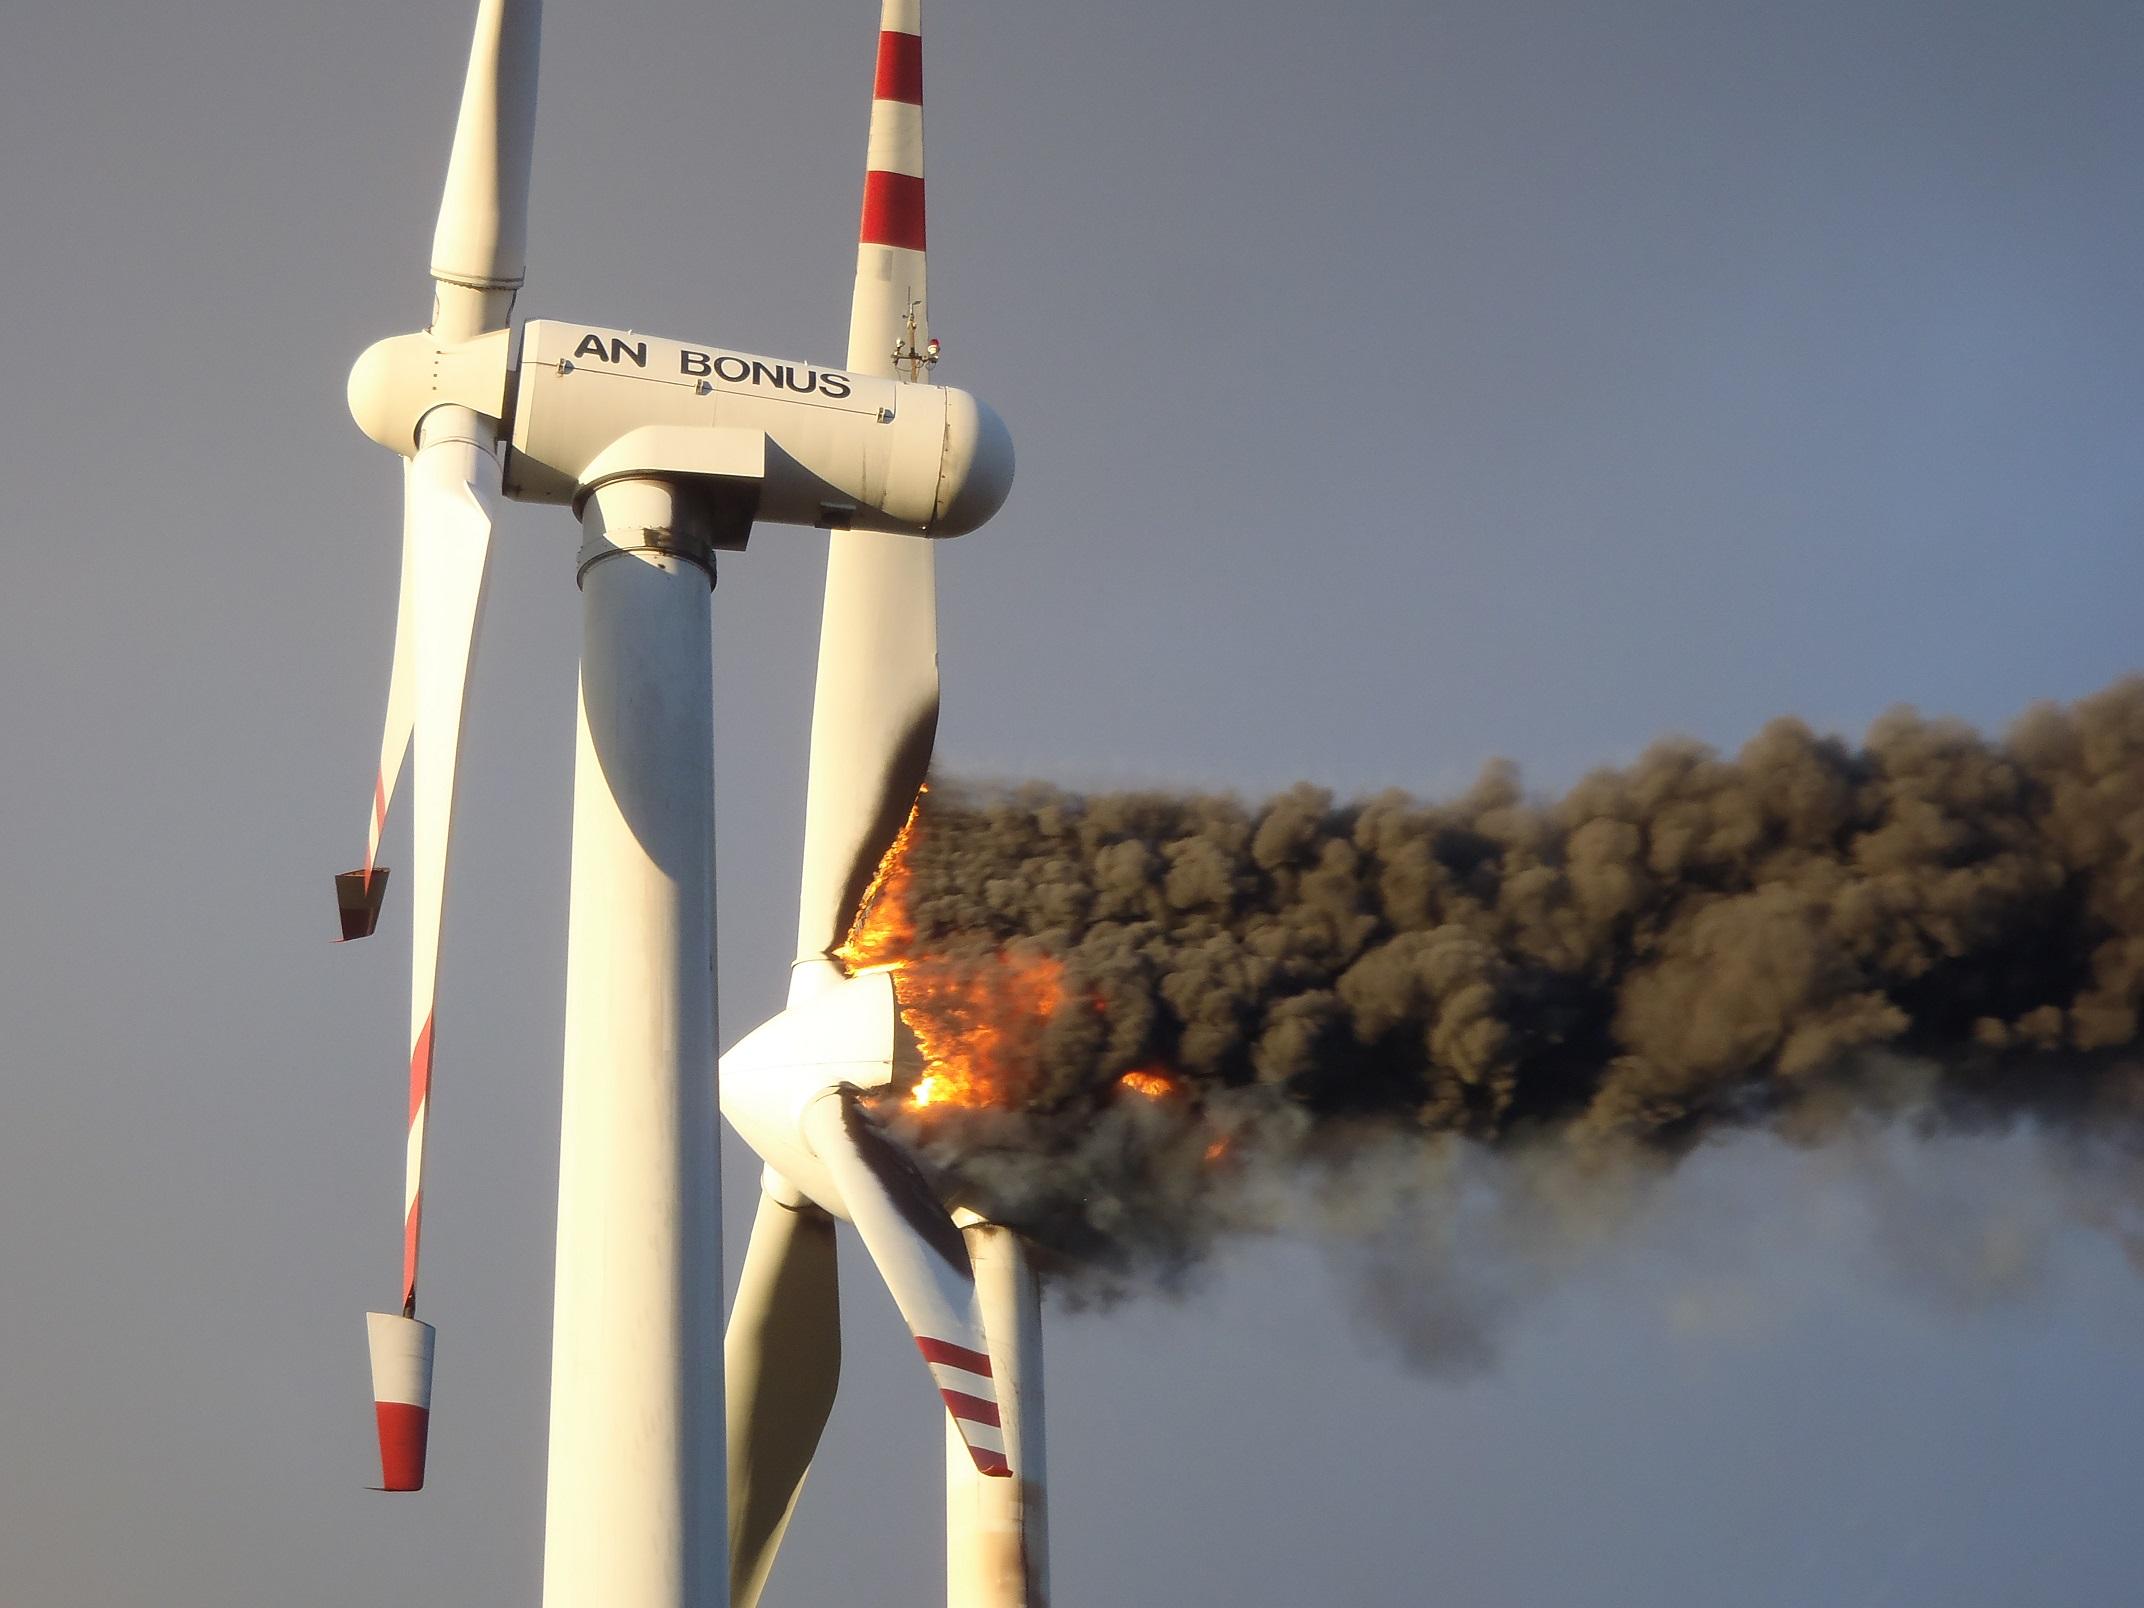 Pożar turbiny wiatrowej. (fot. KP PSP Koło)